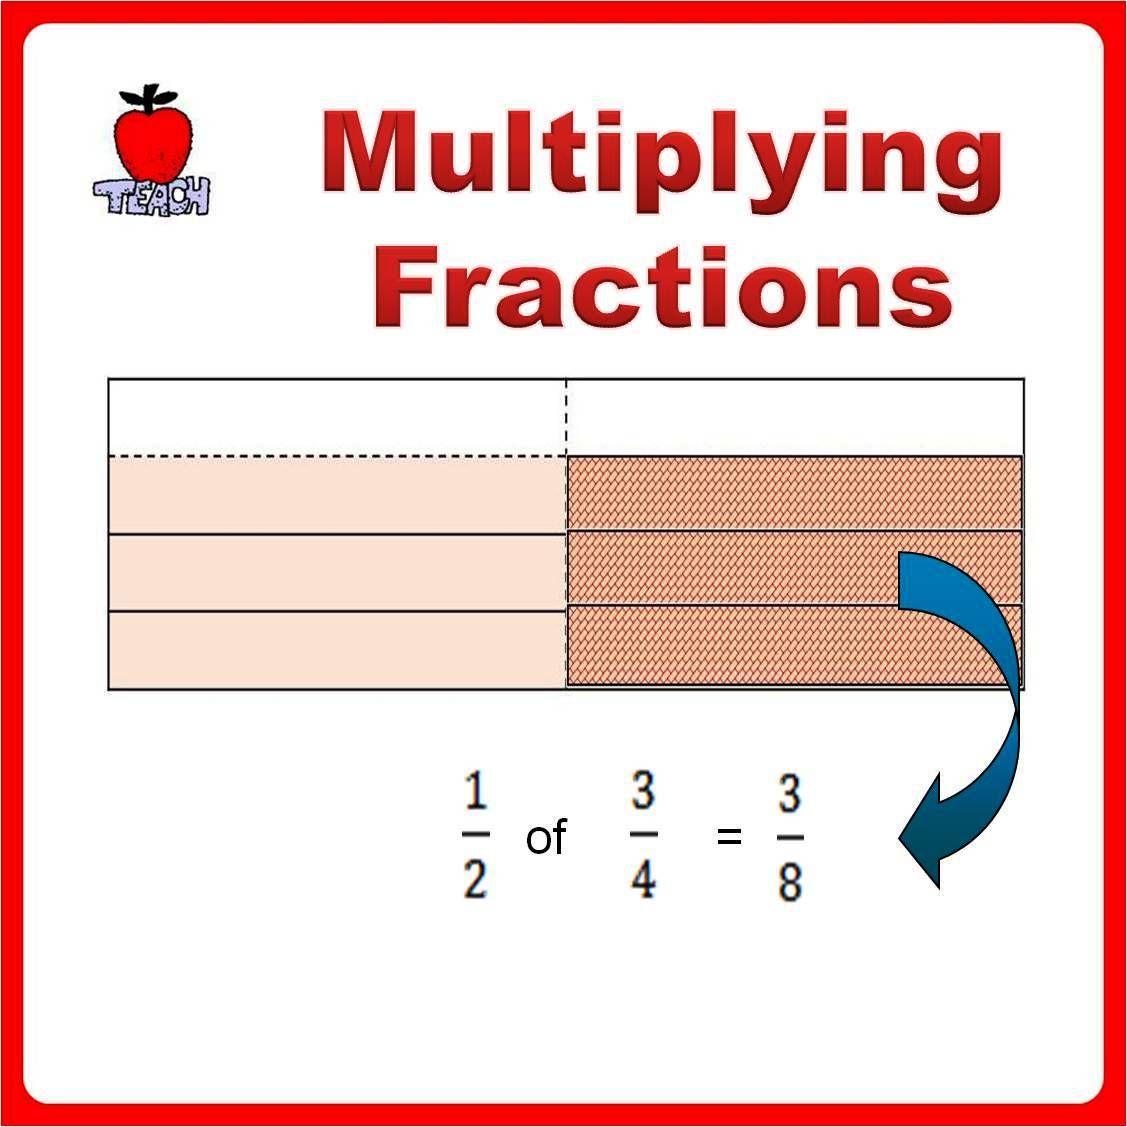 multiplying fractions worksheets 5th grade world of reference. Black Bedroom Furniture Sets. Home Design Ideas